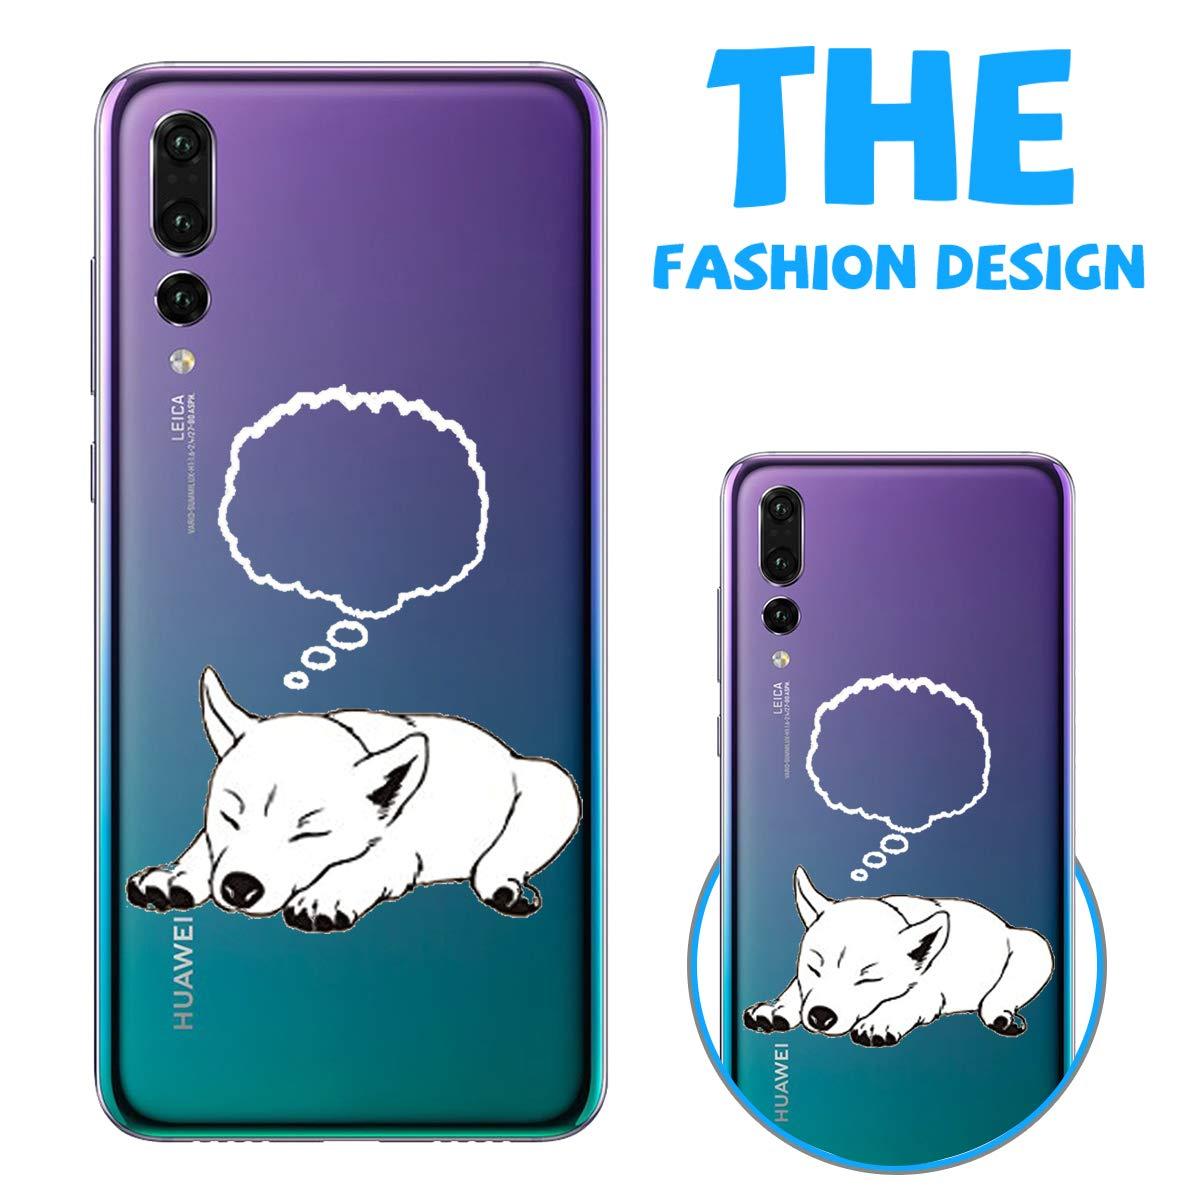 Caler Cover Compatibile con Huawei P20 Lite 2019 Custodia Trasparente con Disegni TPU Morbida Bumper Case con Motivo Carino in TPU Silicone Antiurto 3D Vogue Ultra Chic